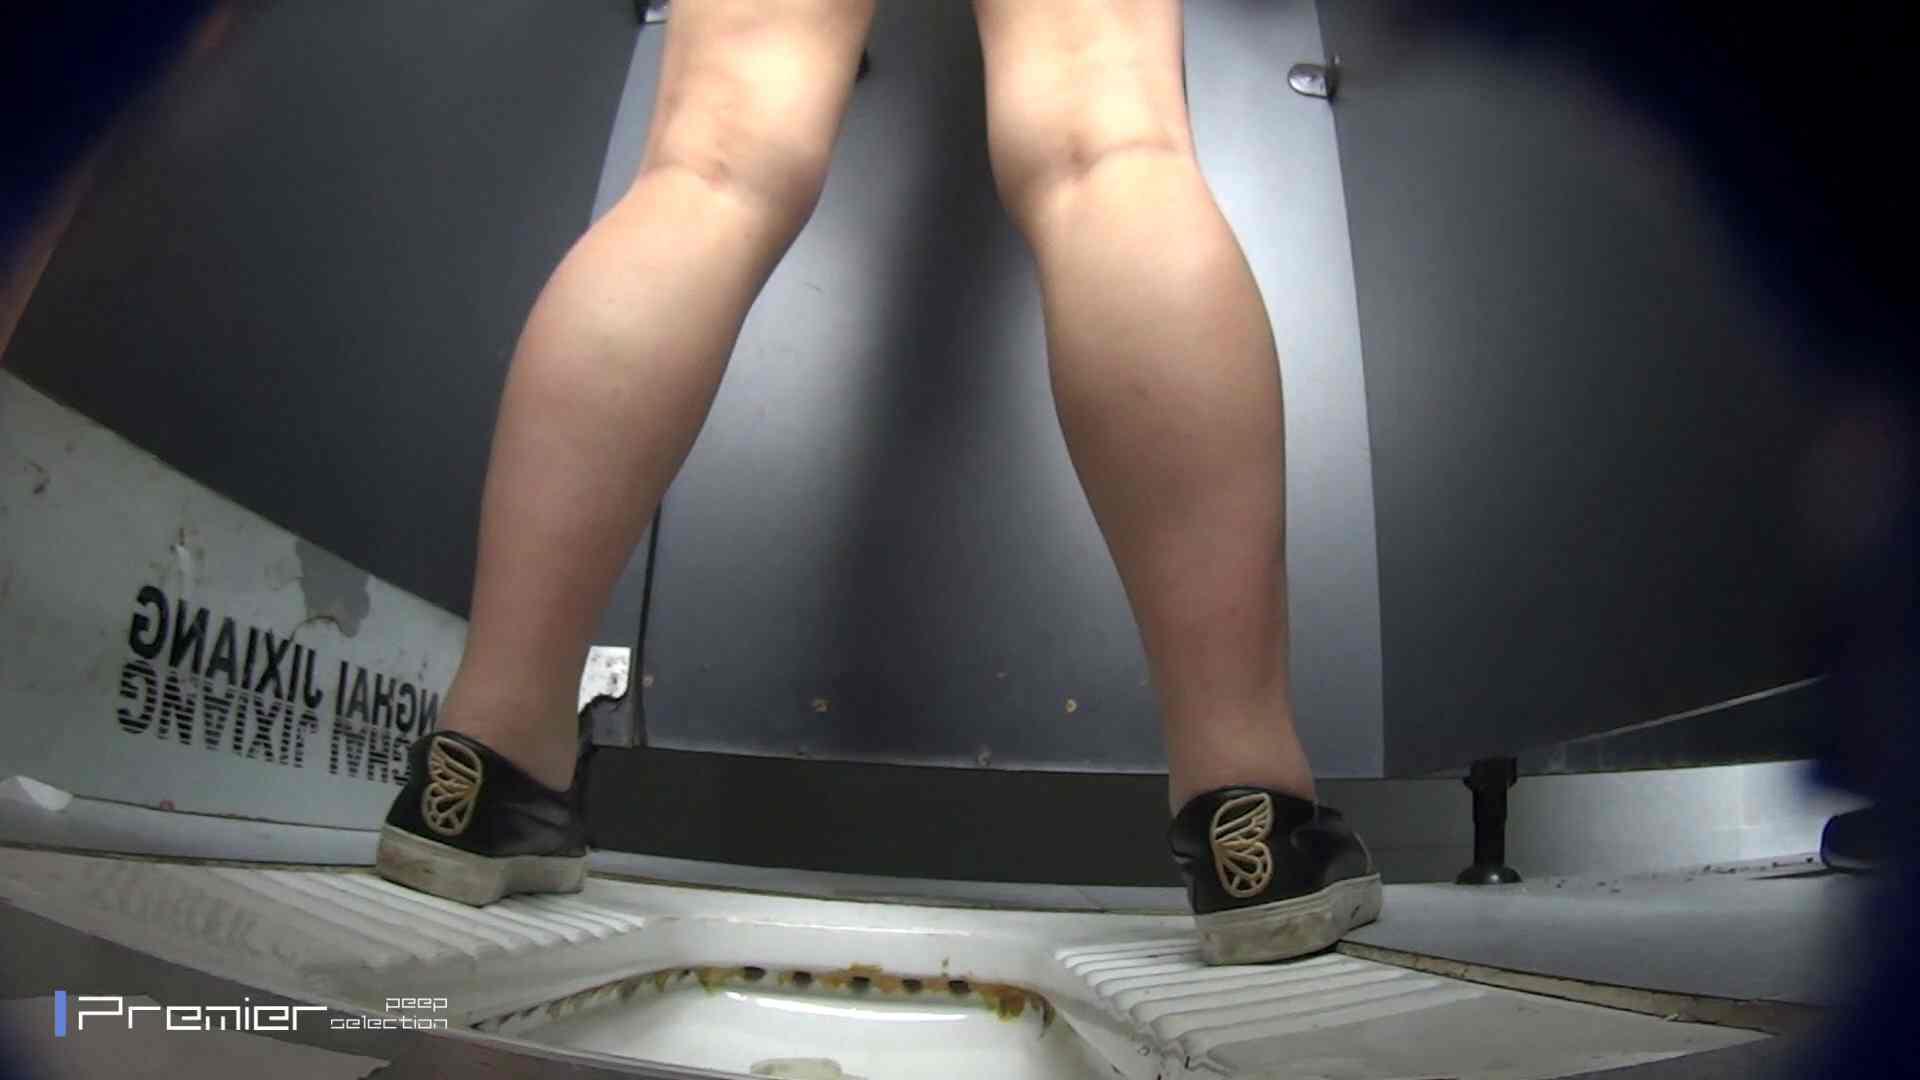 びゅーっと!オシッコ放出 大学休憩時間の洗面所事情47 盗撮編 セックス画像 84枚 20